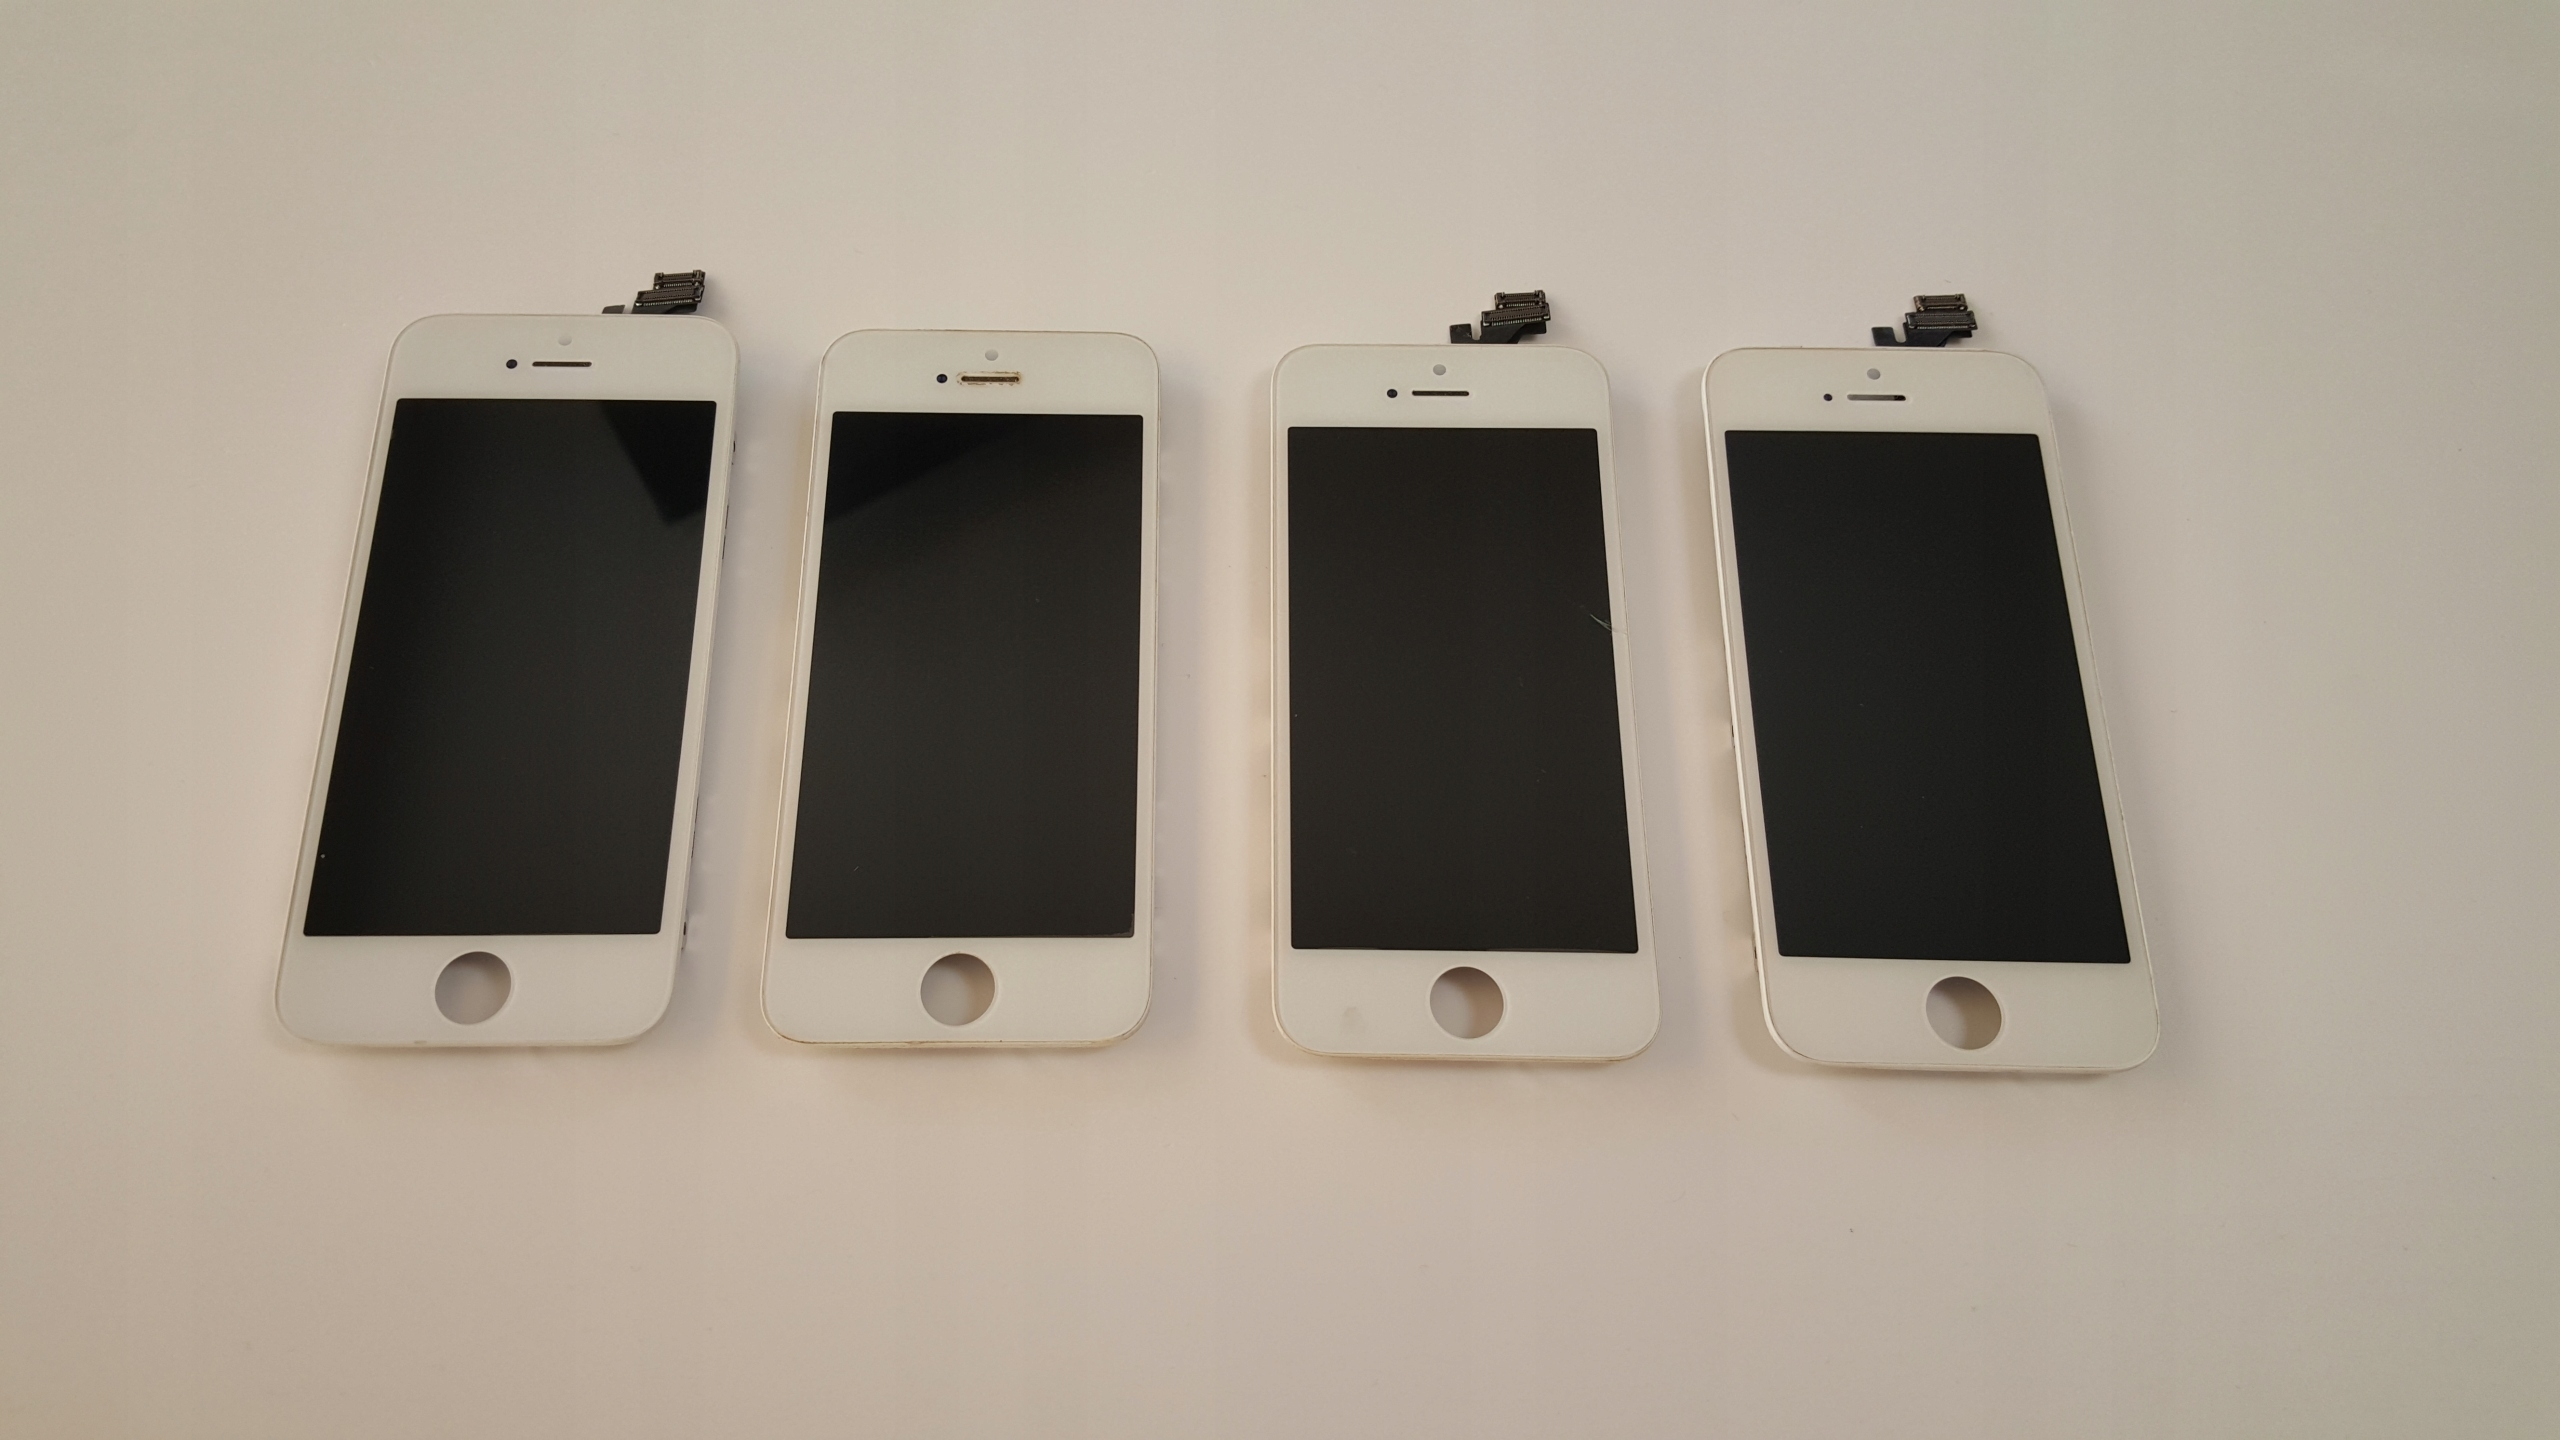 WYŚWIETLACZ LCD APPLE iPhone 5 BIAŁY